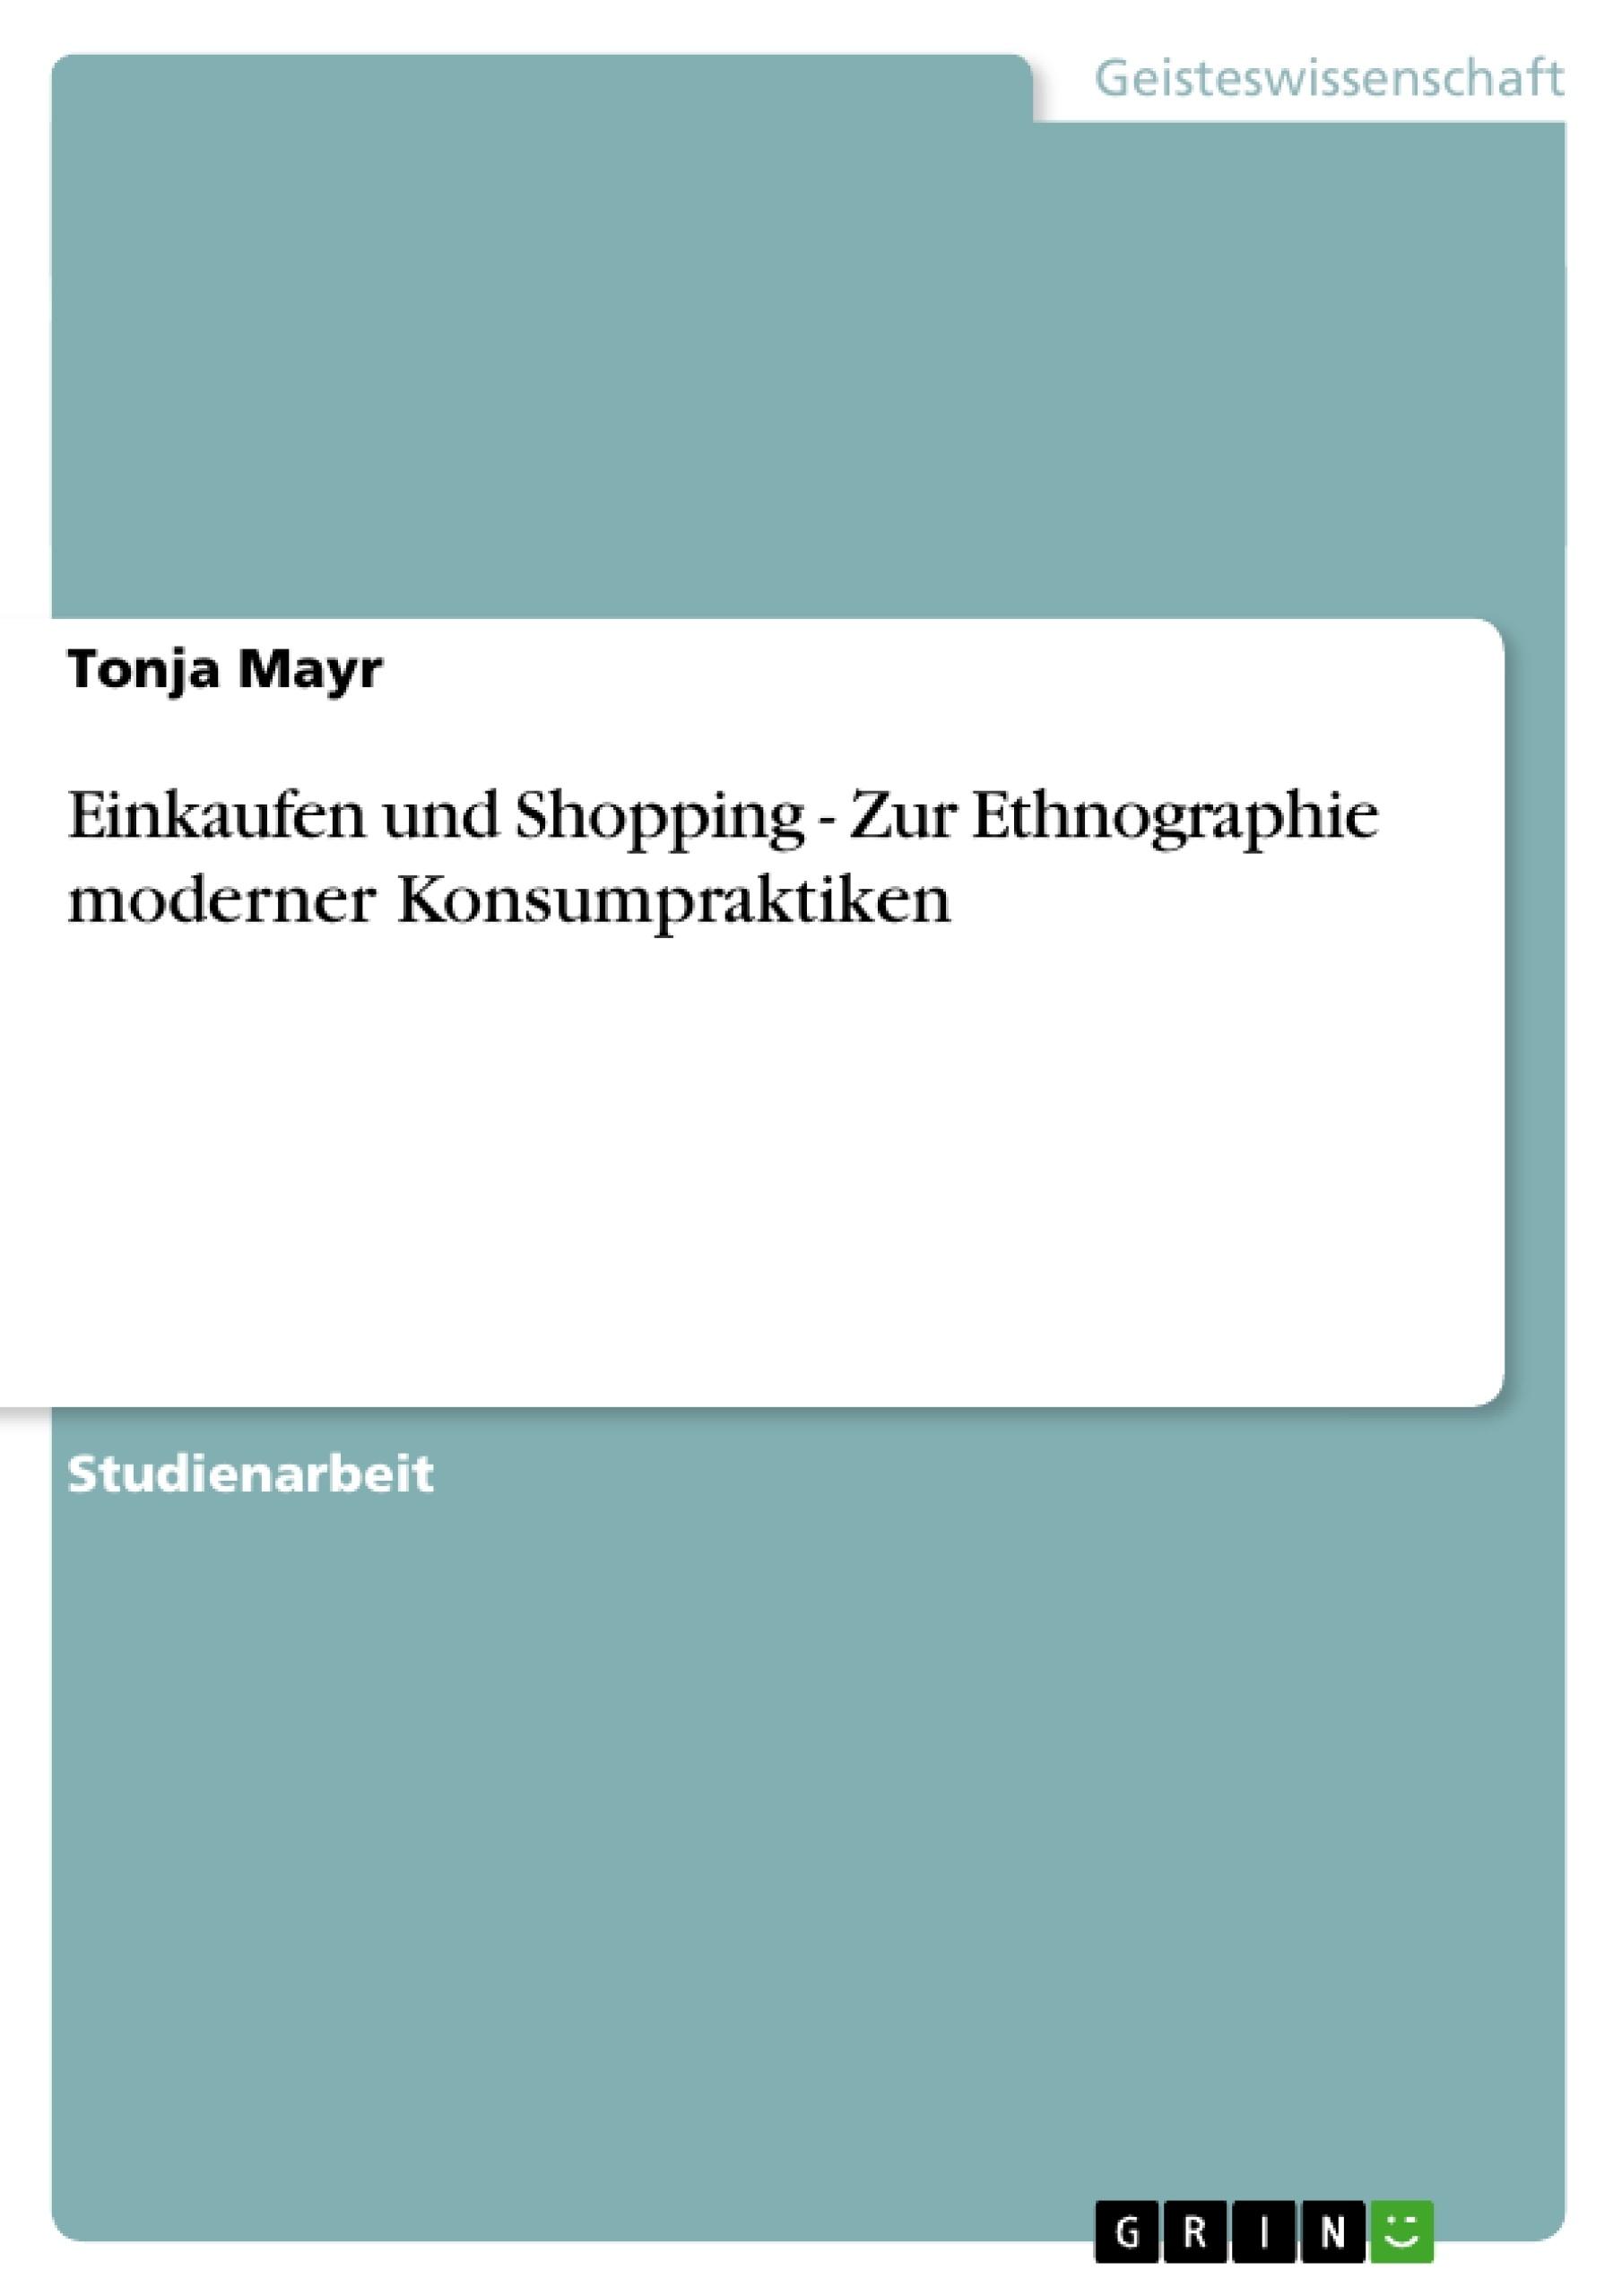 Titel: Einkaufen und Shopping - Zur Ethnographie moderner Konsumpraktiken